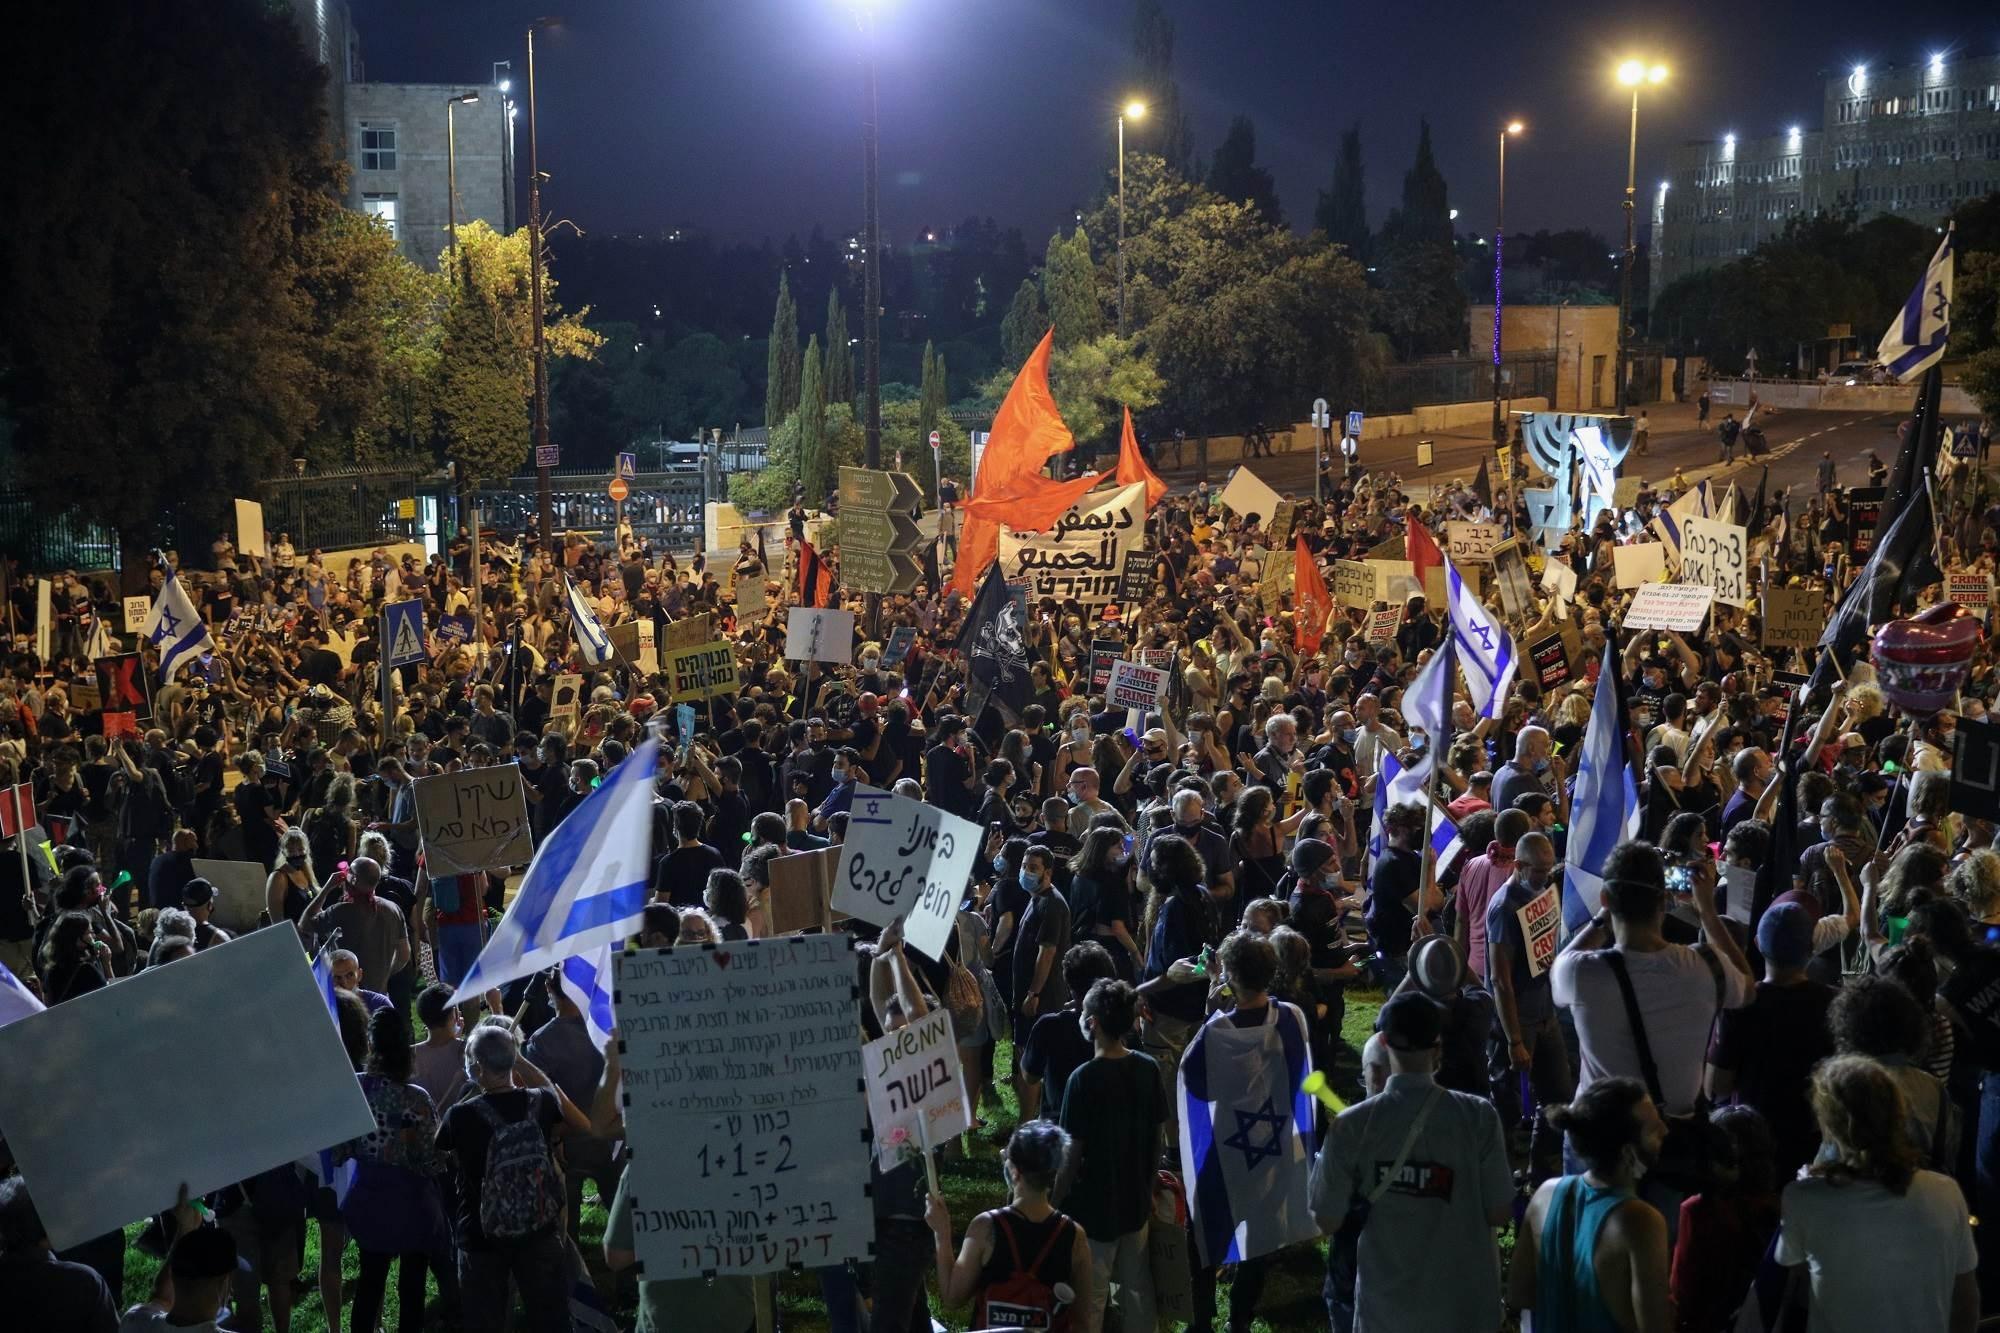 التظاهرات تنظم يومياً ضد حكومة نتنياهو